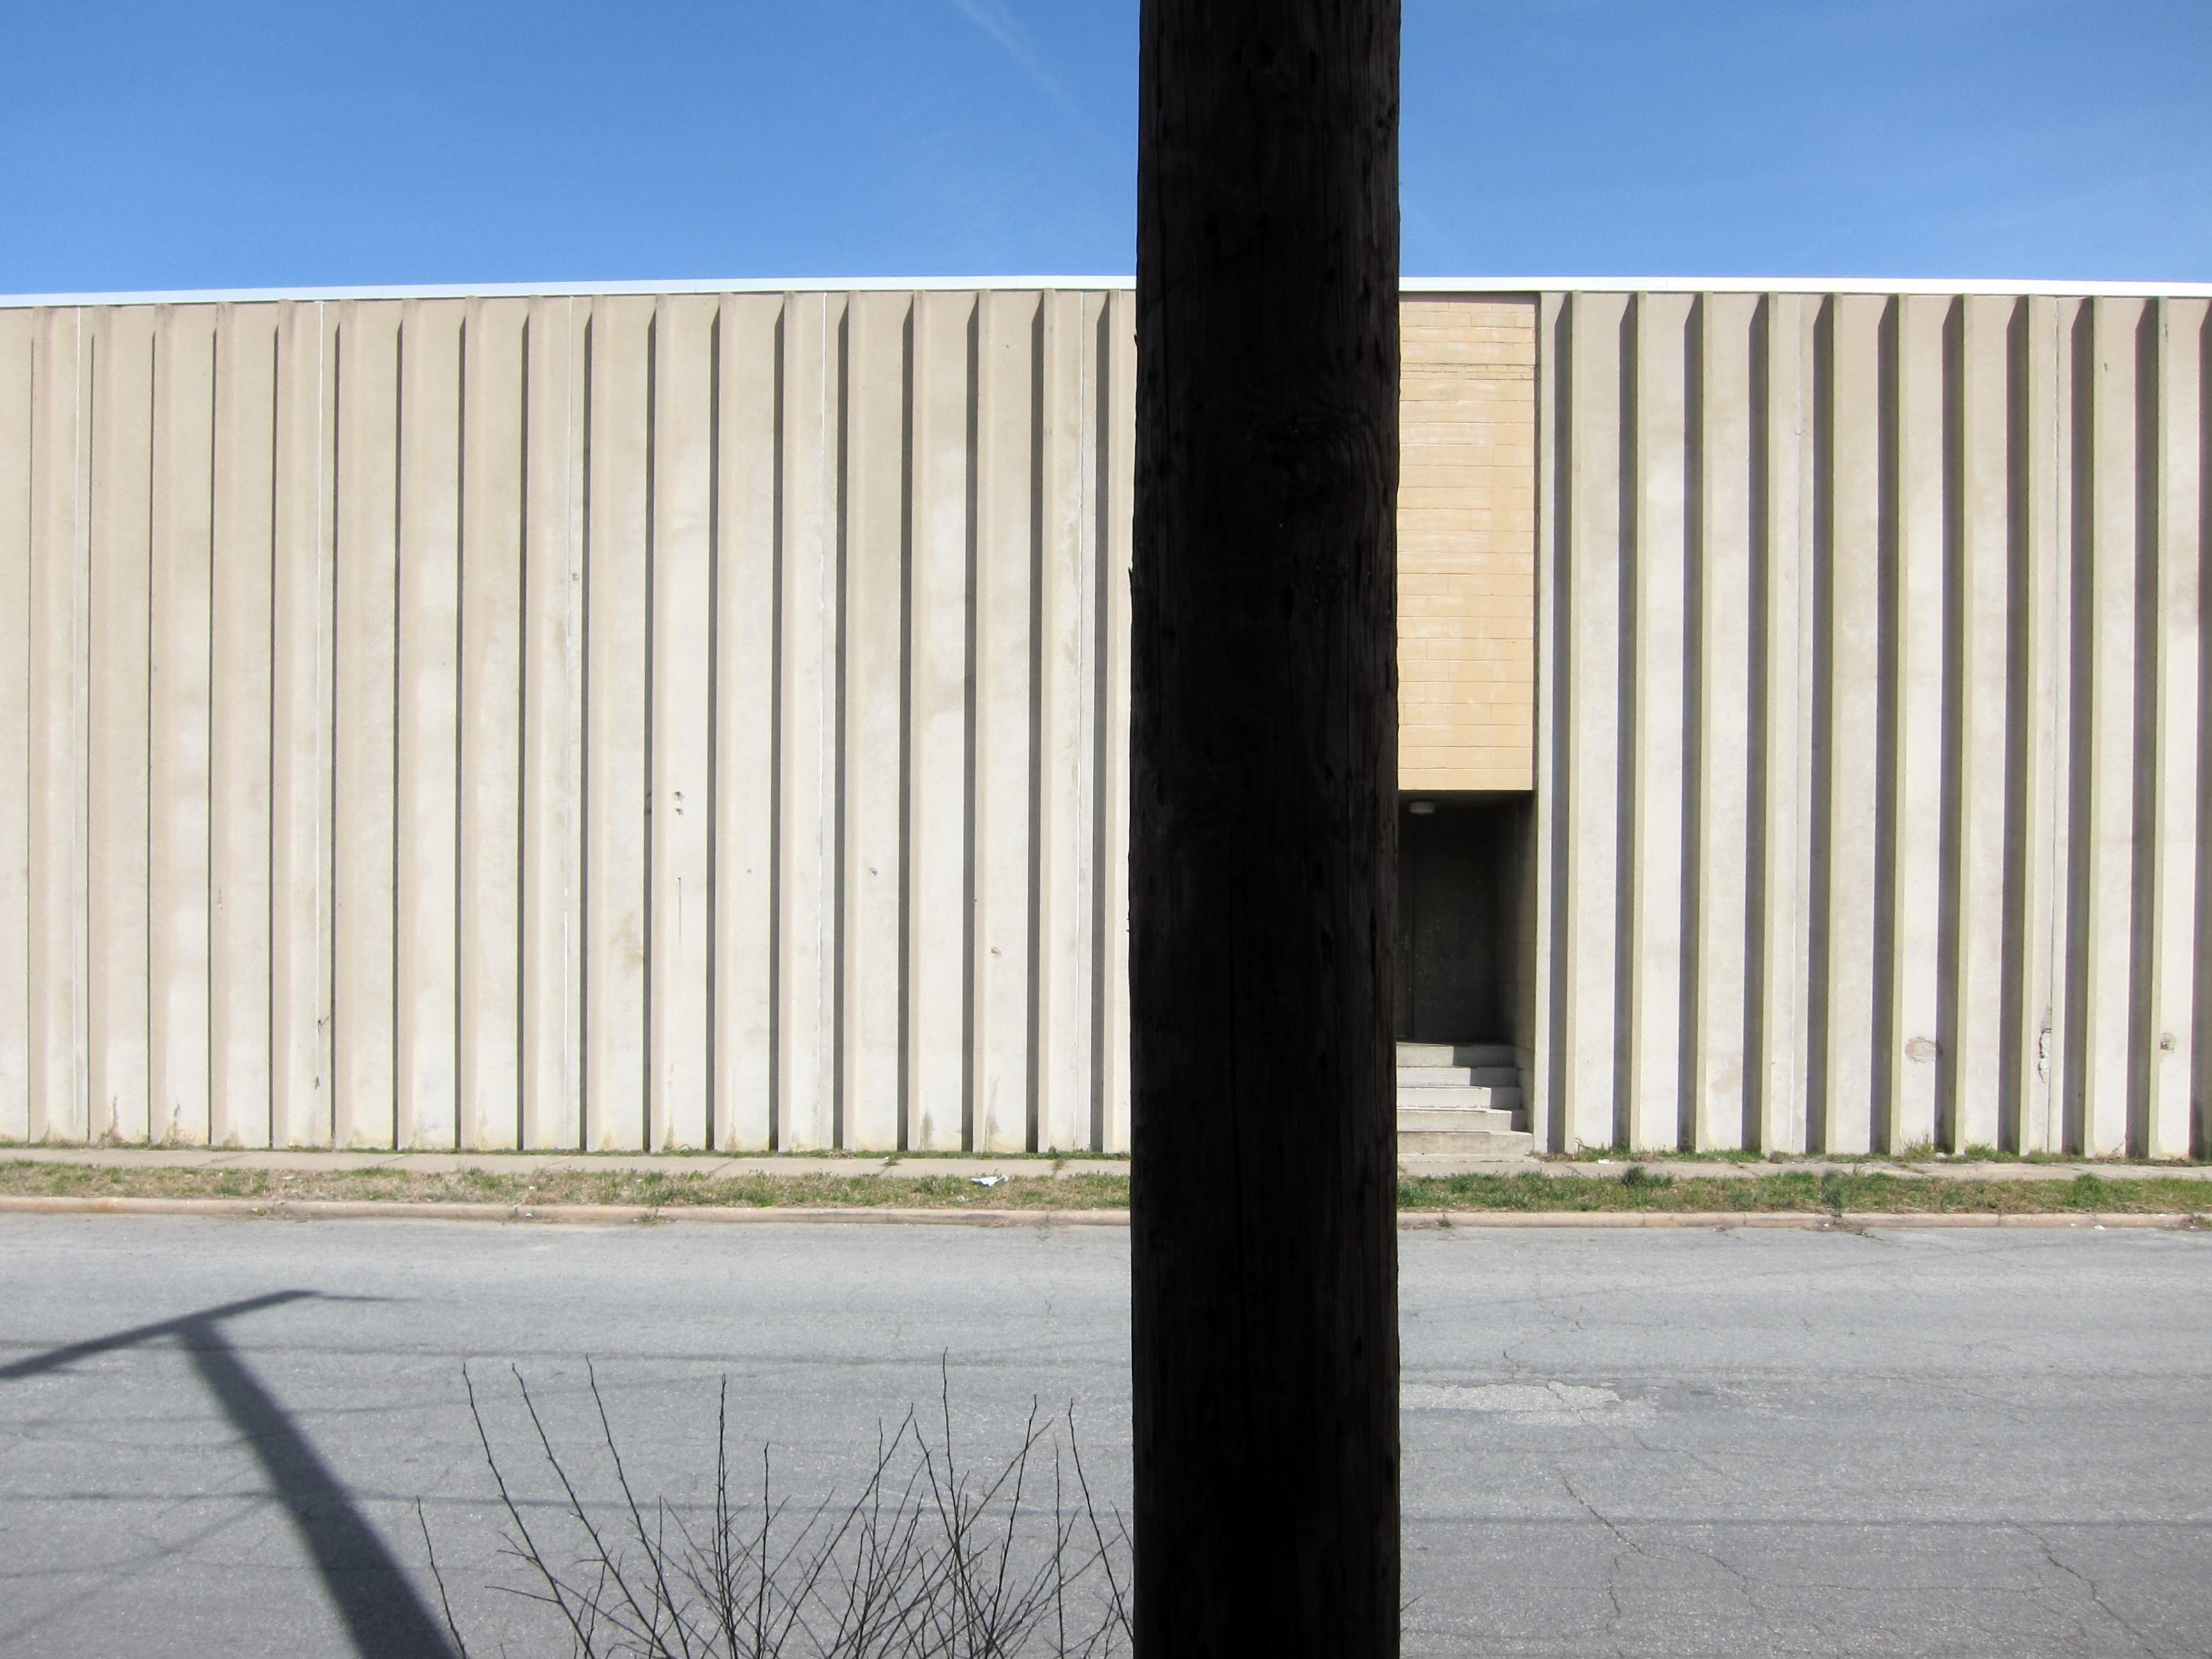 Hintergrundbilder fenster stra e die architektur for Minimalismus im haus buch